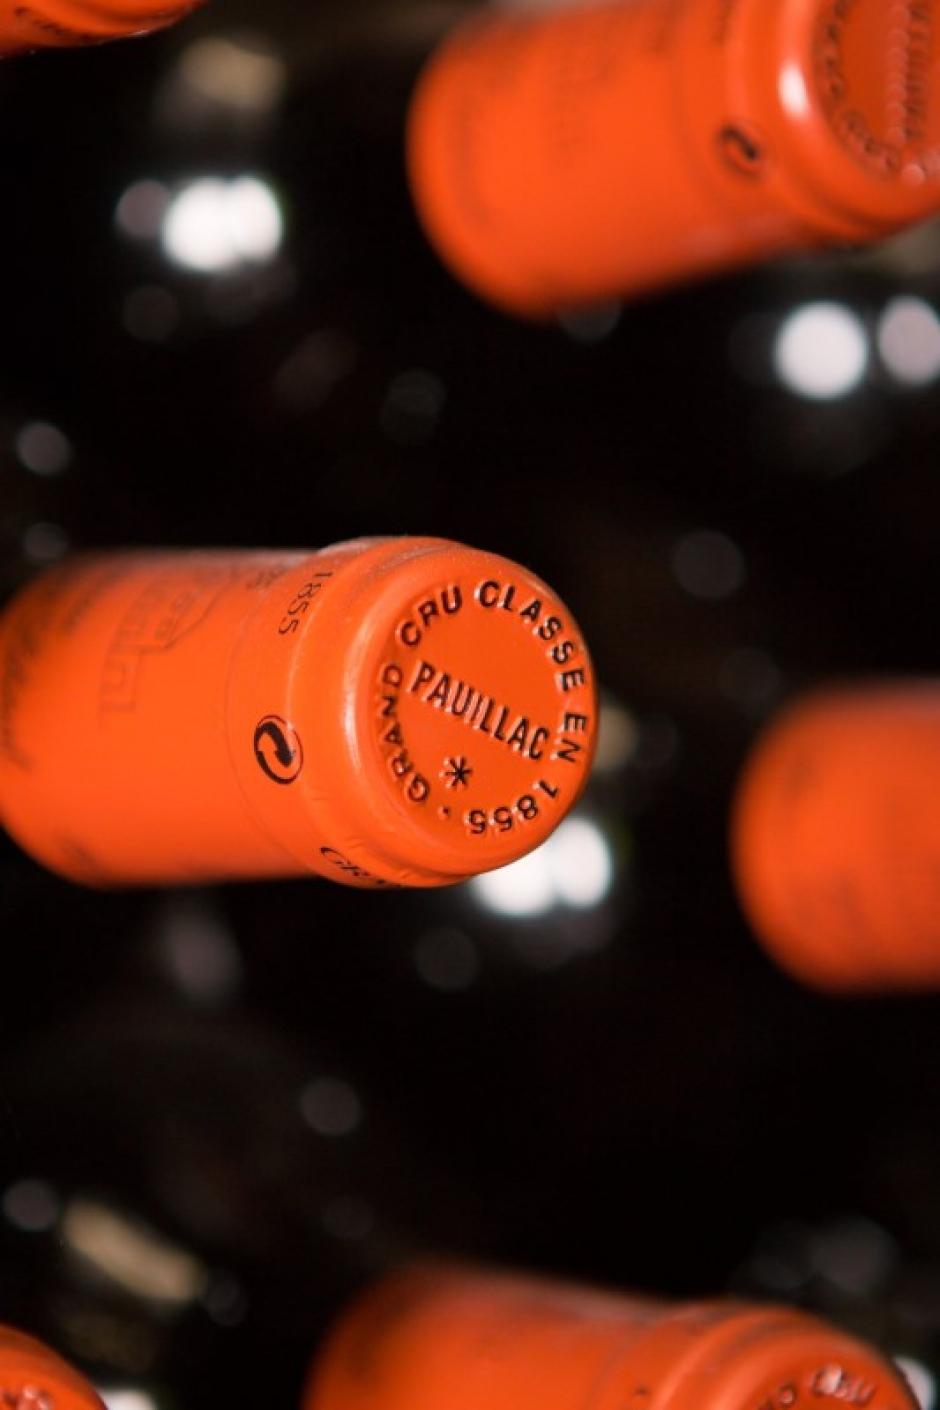 Grosso modo bestaan er 3 soorten wijn: stille wijnen, mousserende wijnen en versterkte wijnen.